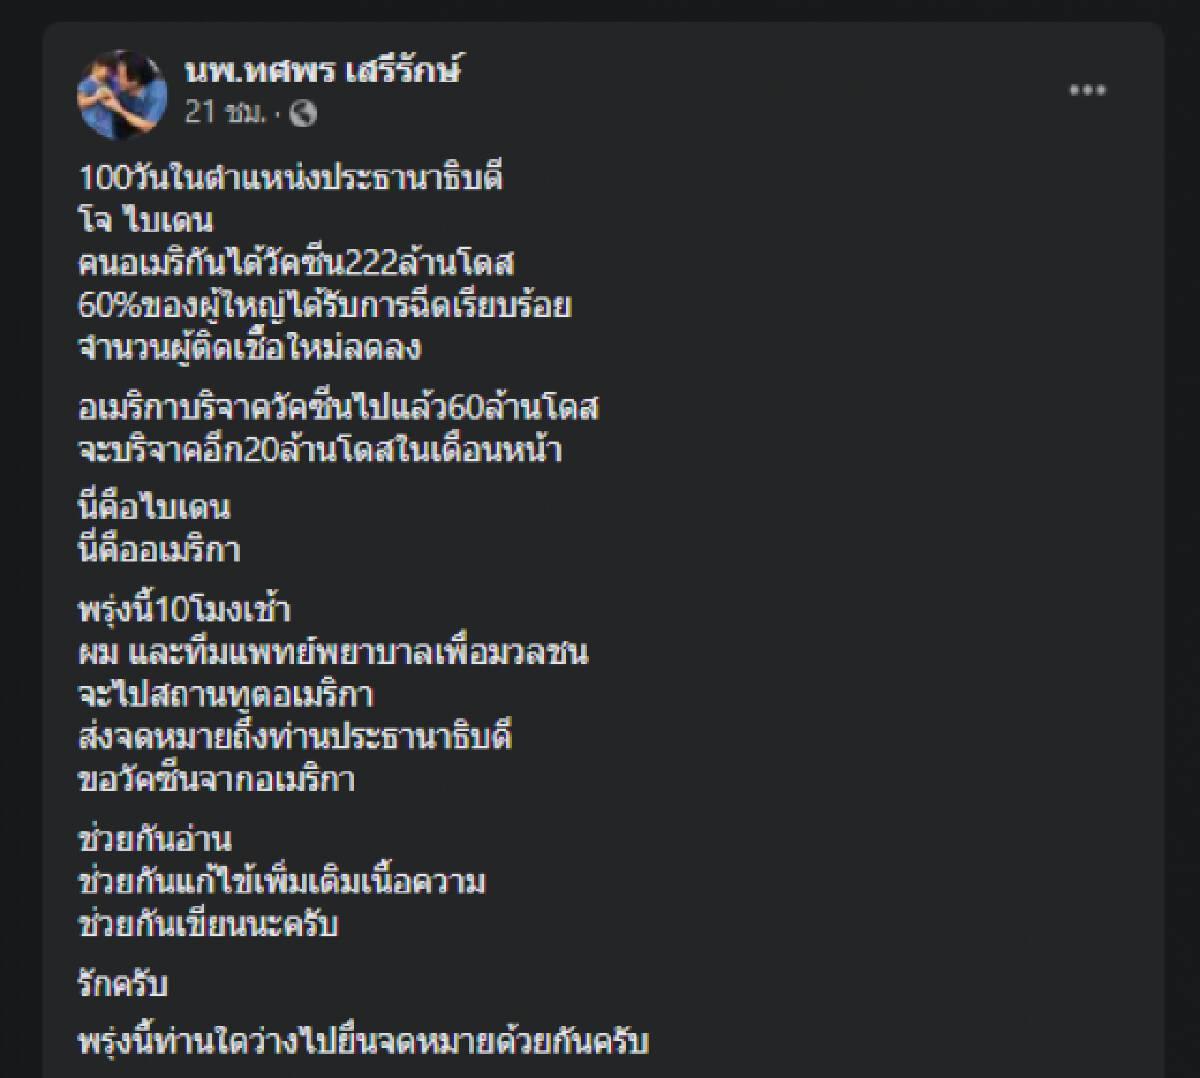 """""""หมอทศพร"""" เสียงหวานอ้อน """"ไบเดน"""" ช่วยวัคซีนไทยแก้โควิด"""